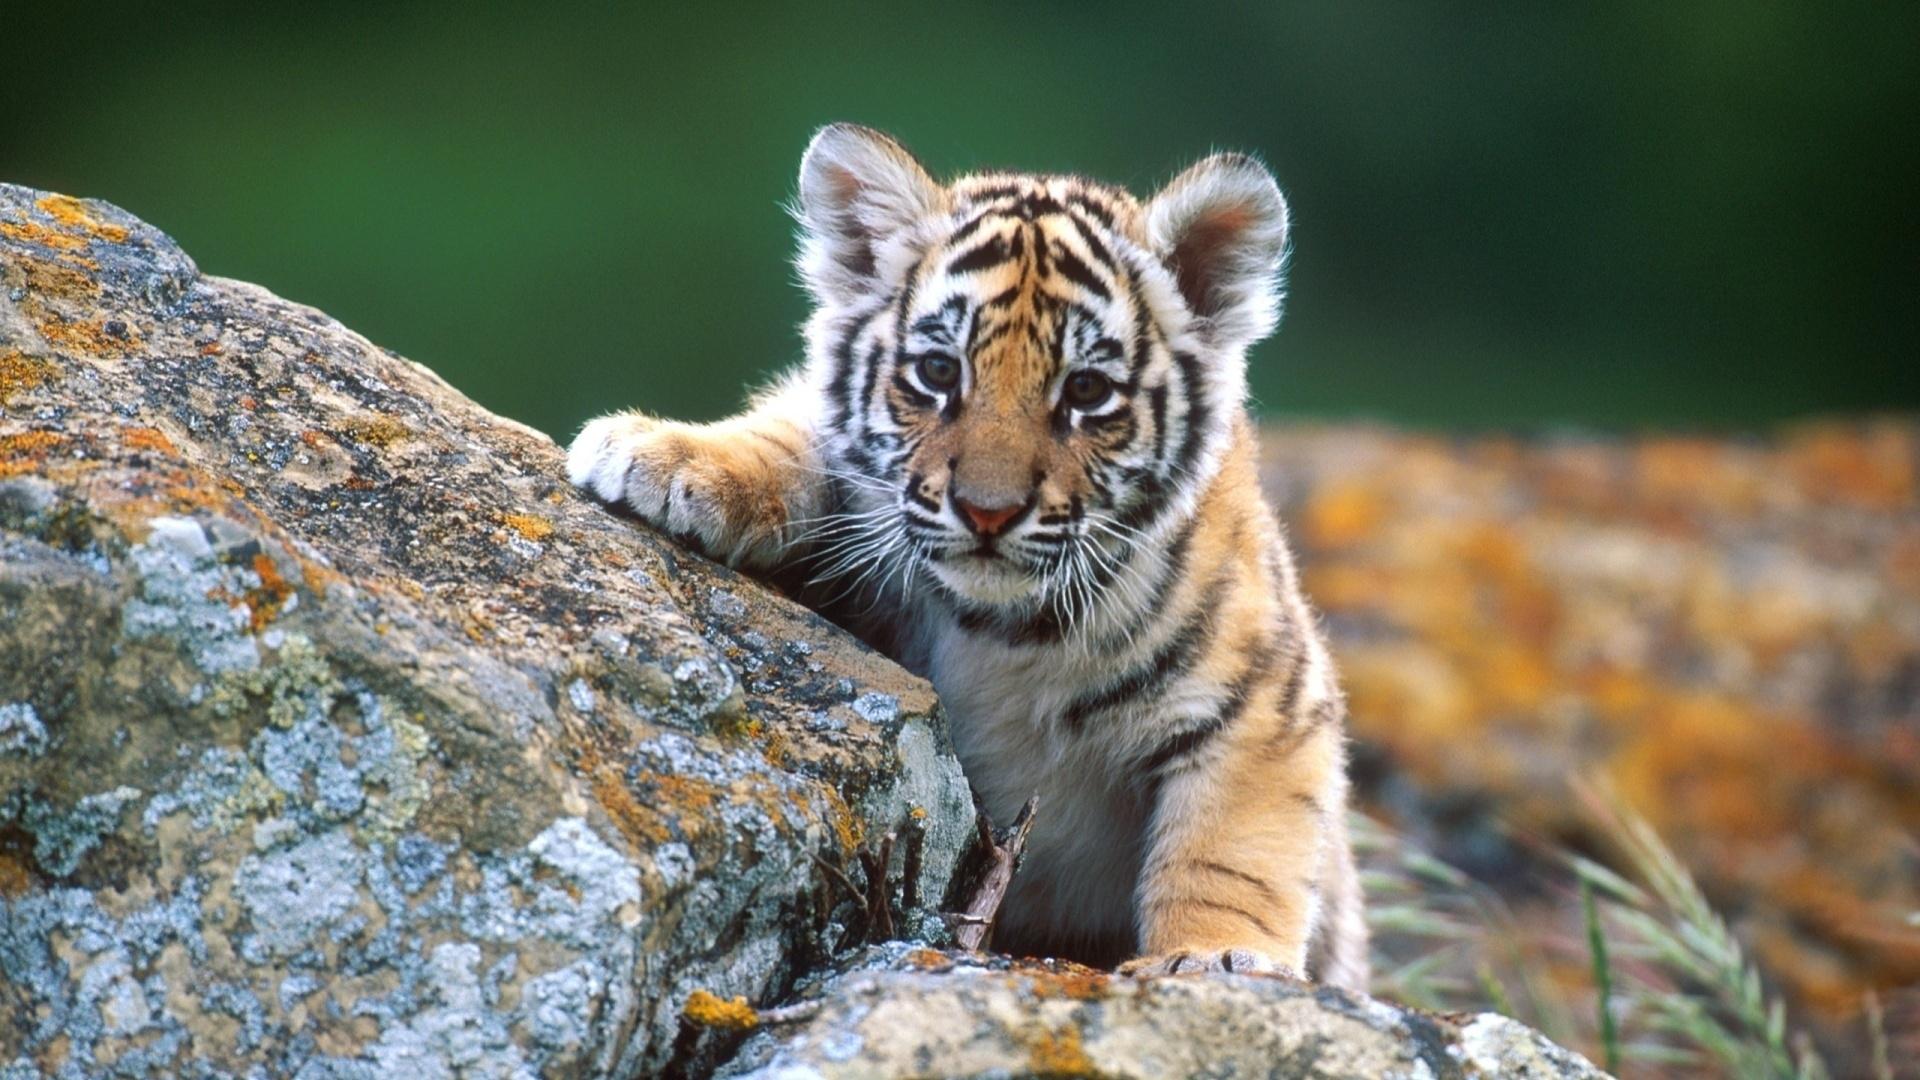 40509 скачать обои Животные, Тигры - заставки и картинки бесплатно